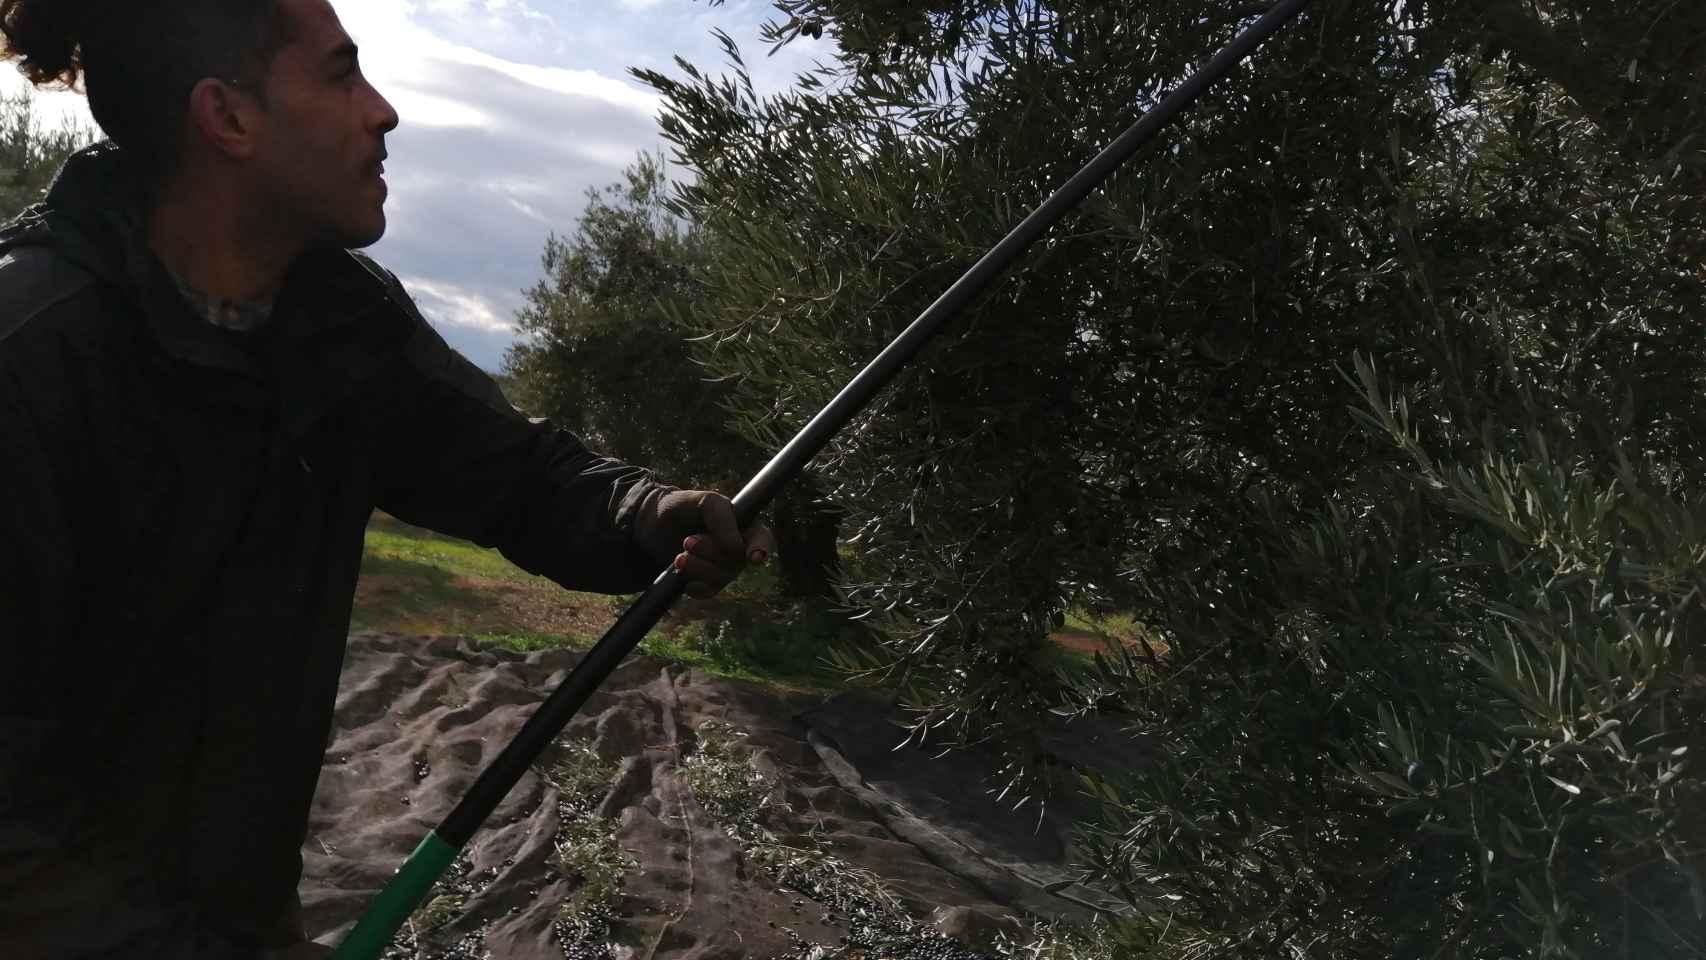 Un trabajador varea el olivo durante una jornada de aceituna.